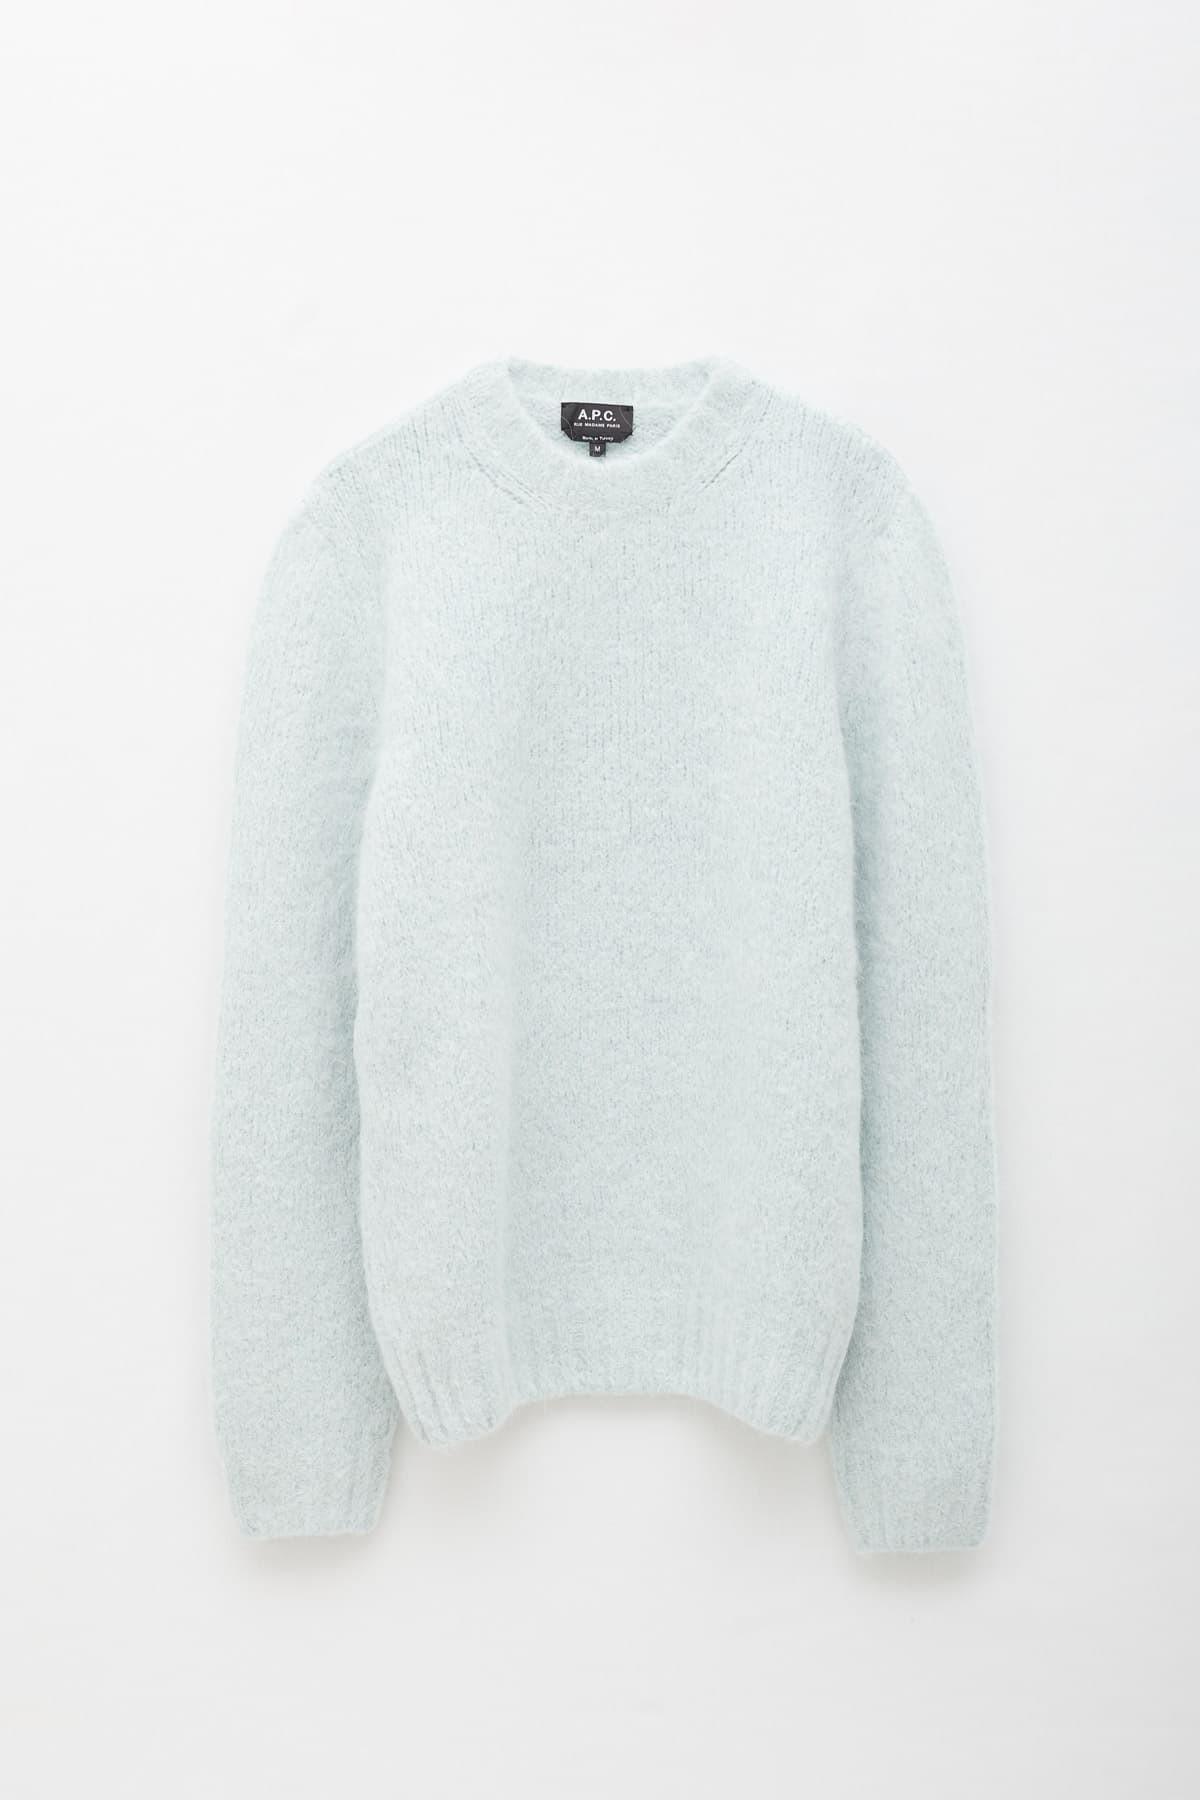 Comprar Carhartt Wip Hamilton Brown Chalk Jac Shirt